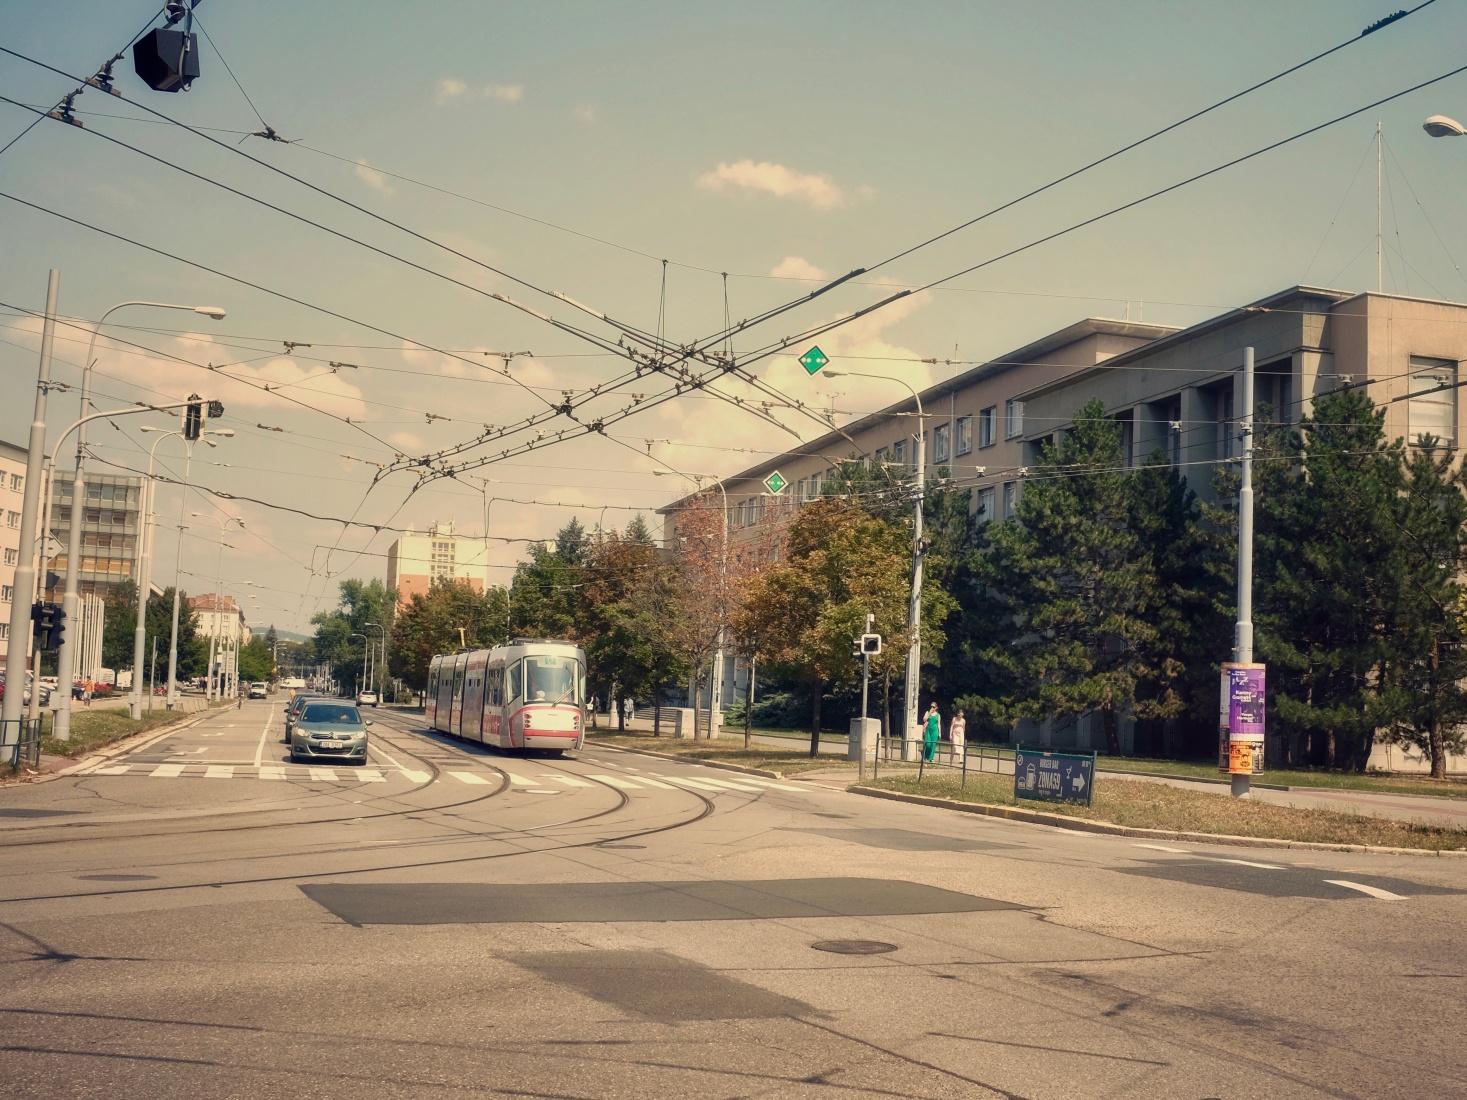 Former Leninova street as it appears now, in Brno, Czech Republic.